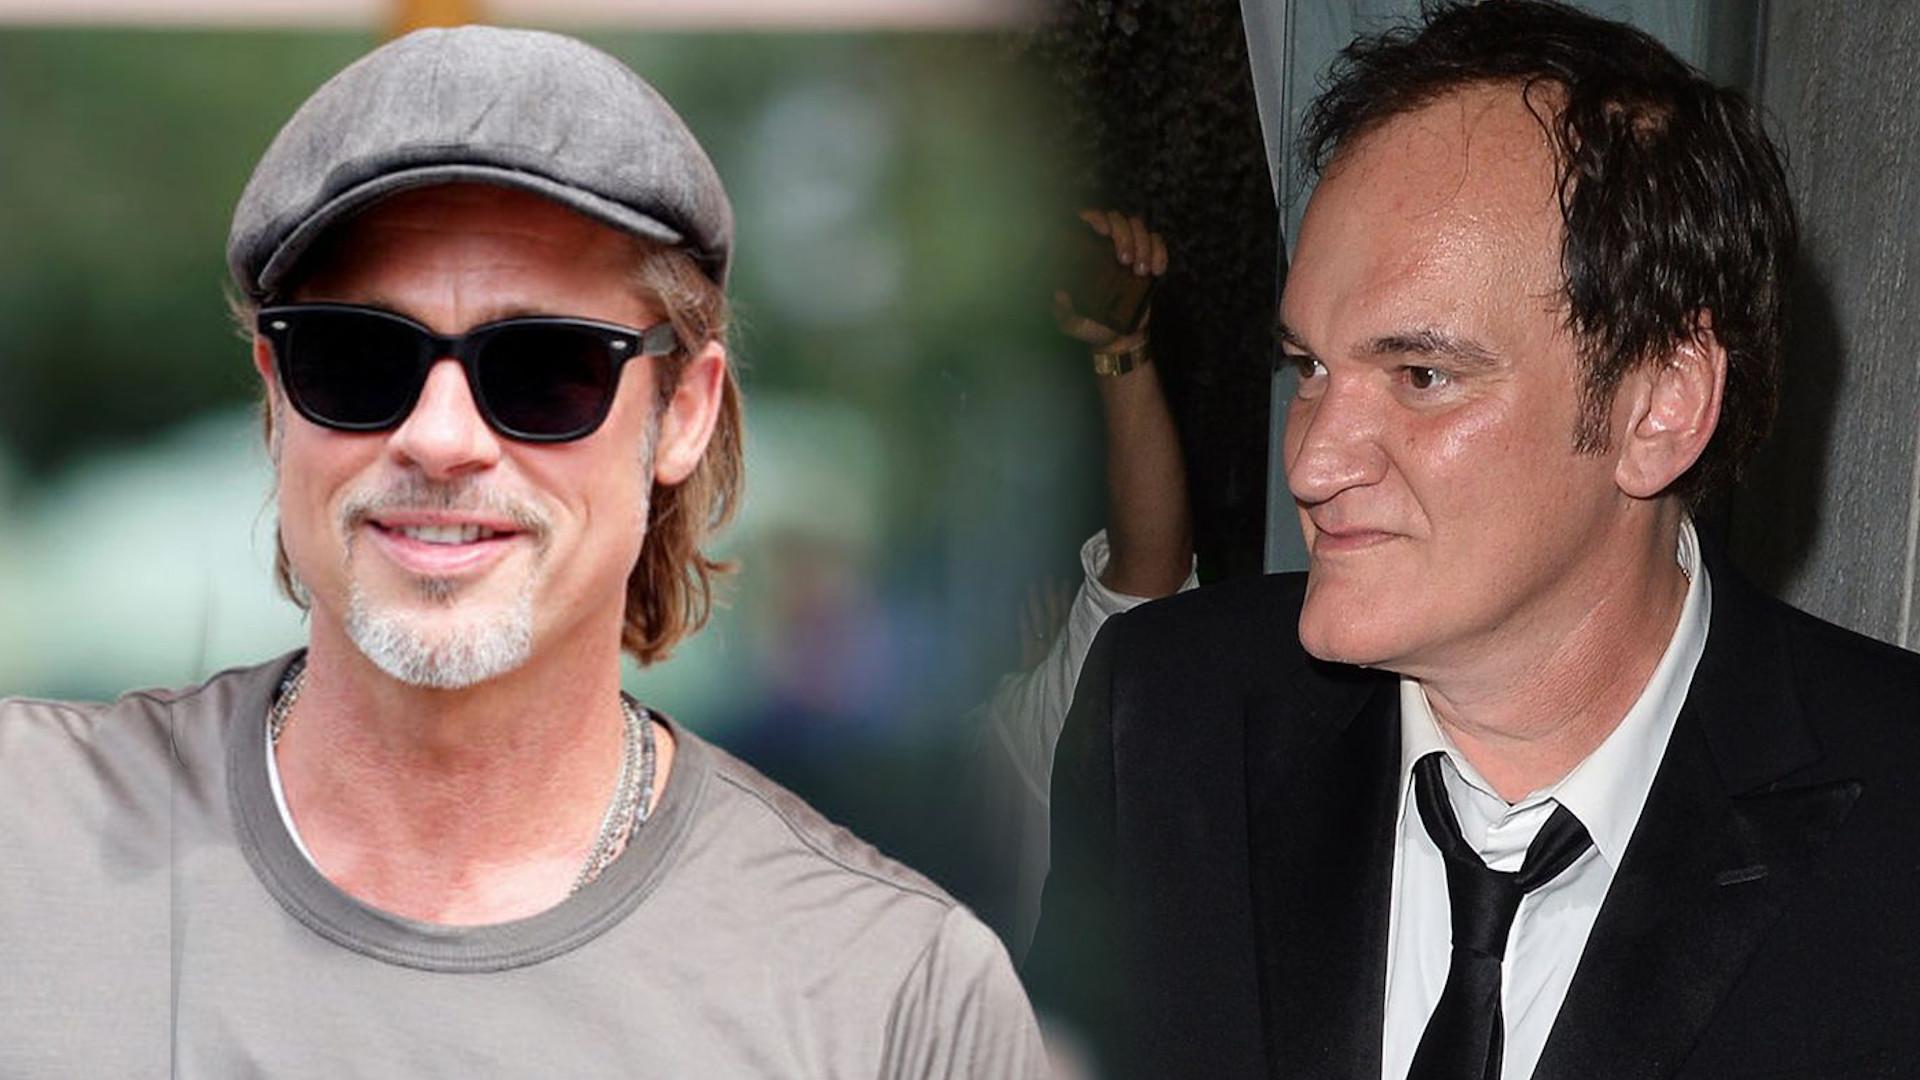 Brad Pitt chyba za MOCNO zażartował z Quentina Tarantino. Jego wypowiedź wywołała poruszenie